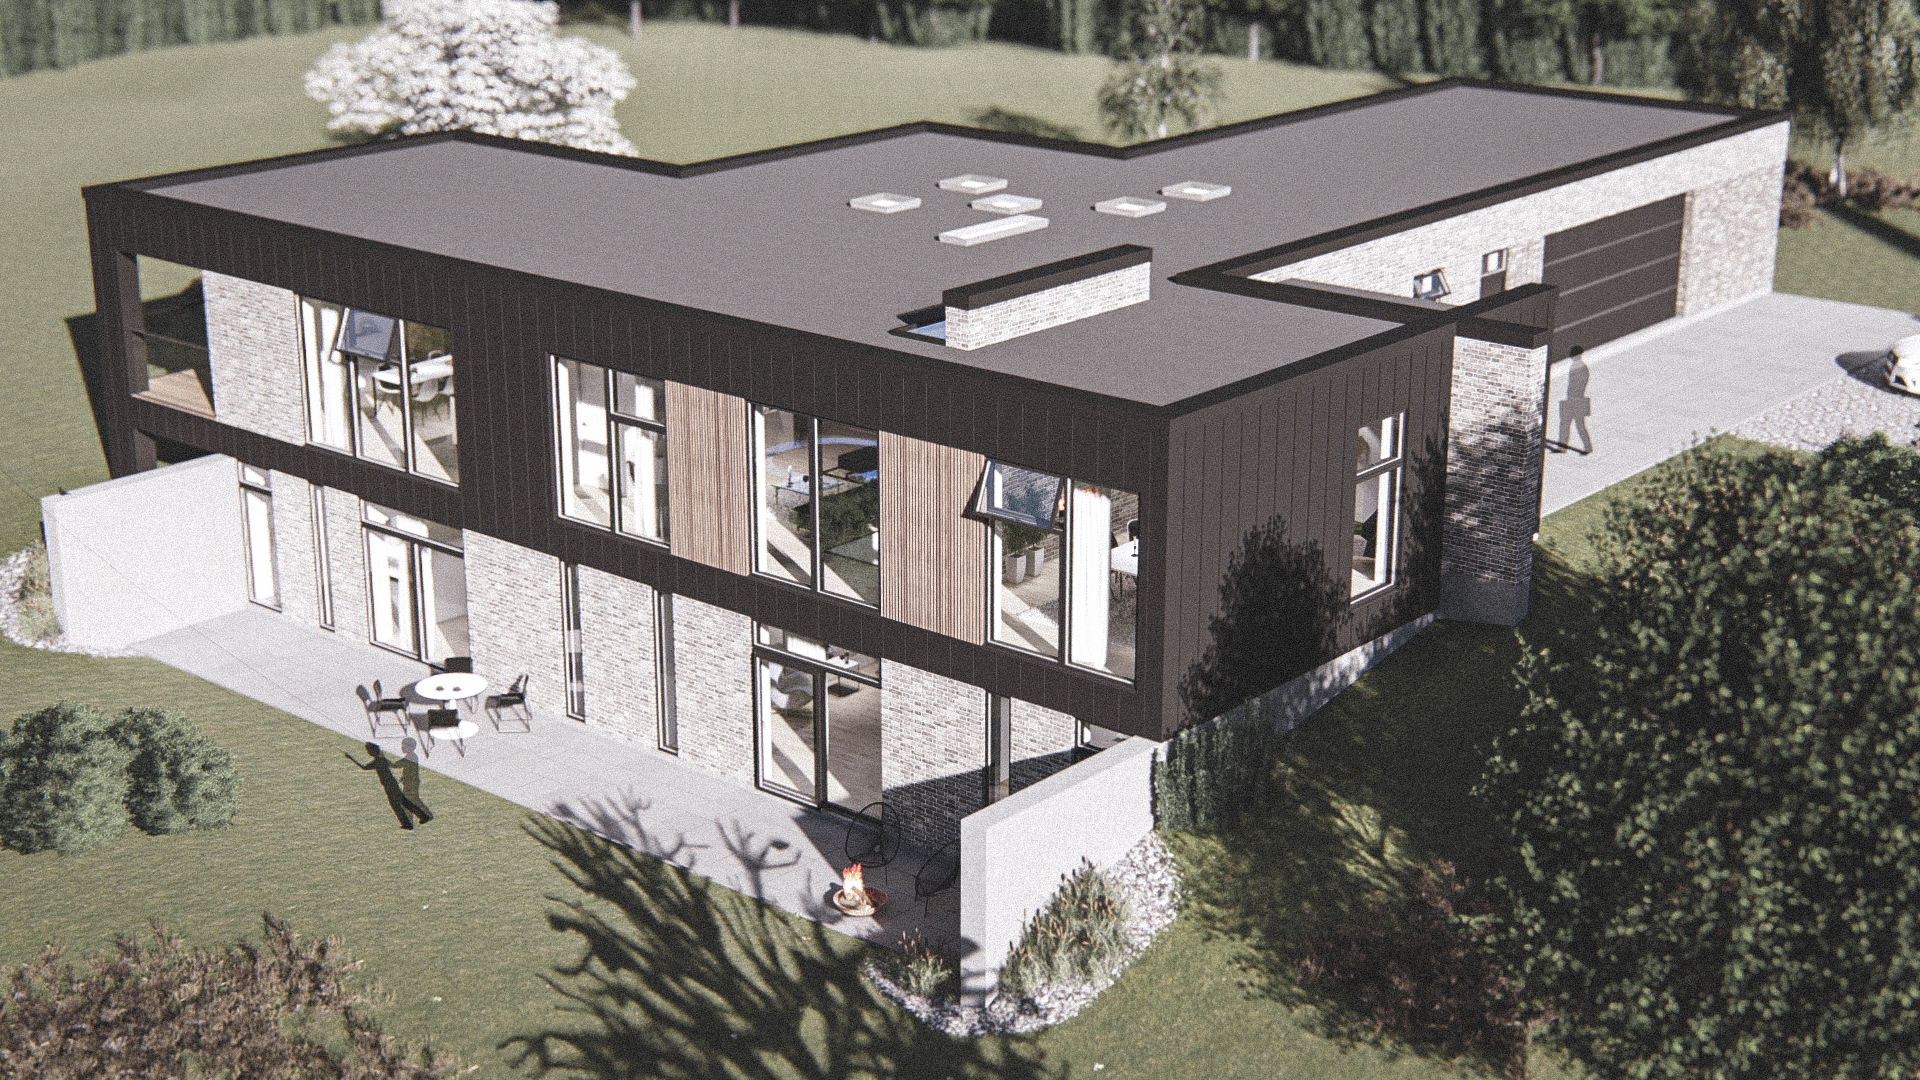 Billede af Dansk arkitekttegnet 2 plan villa af arkitektfirmaet m2plus, i Fjerritslev på 376 kvartratmeter.